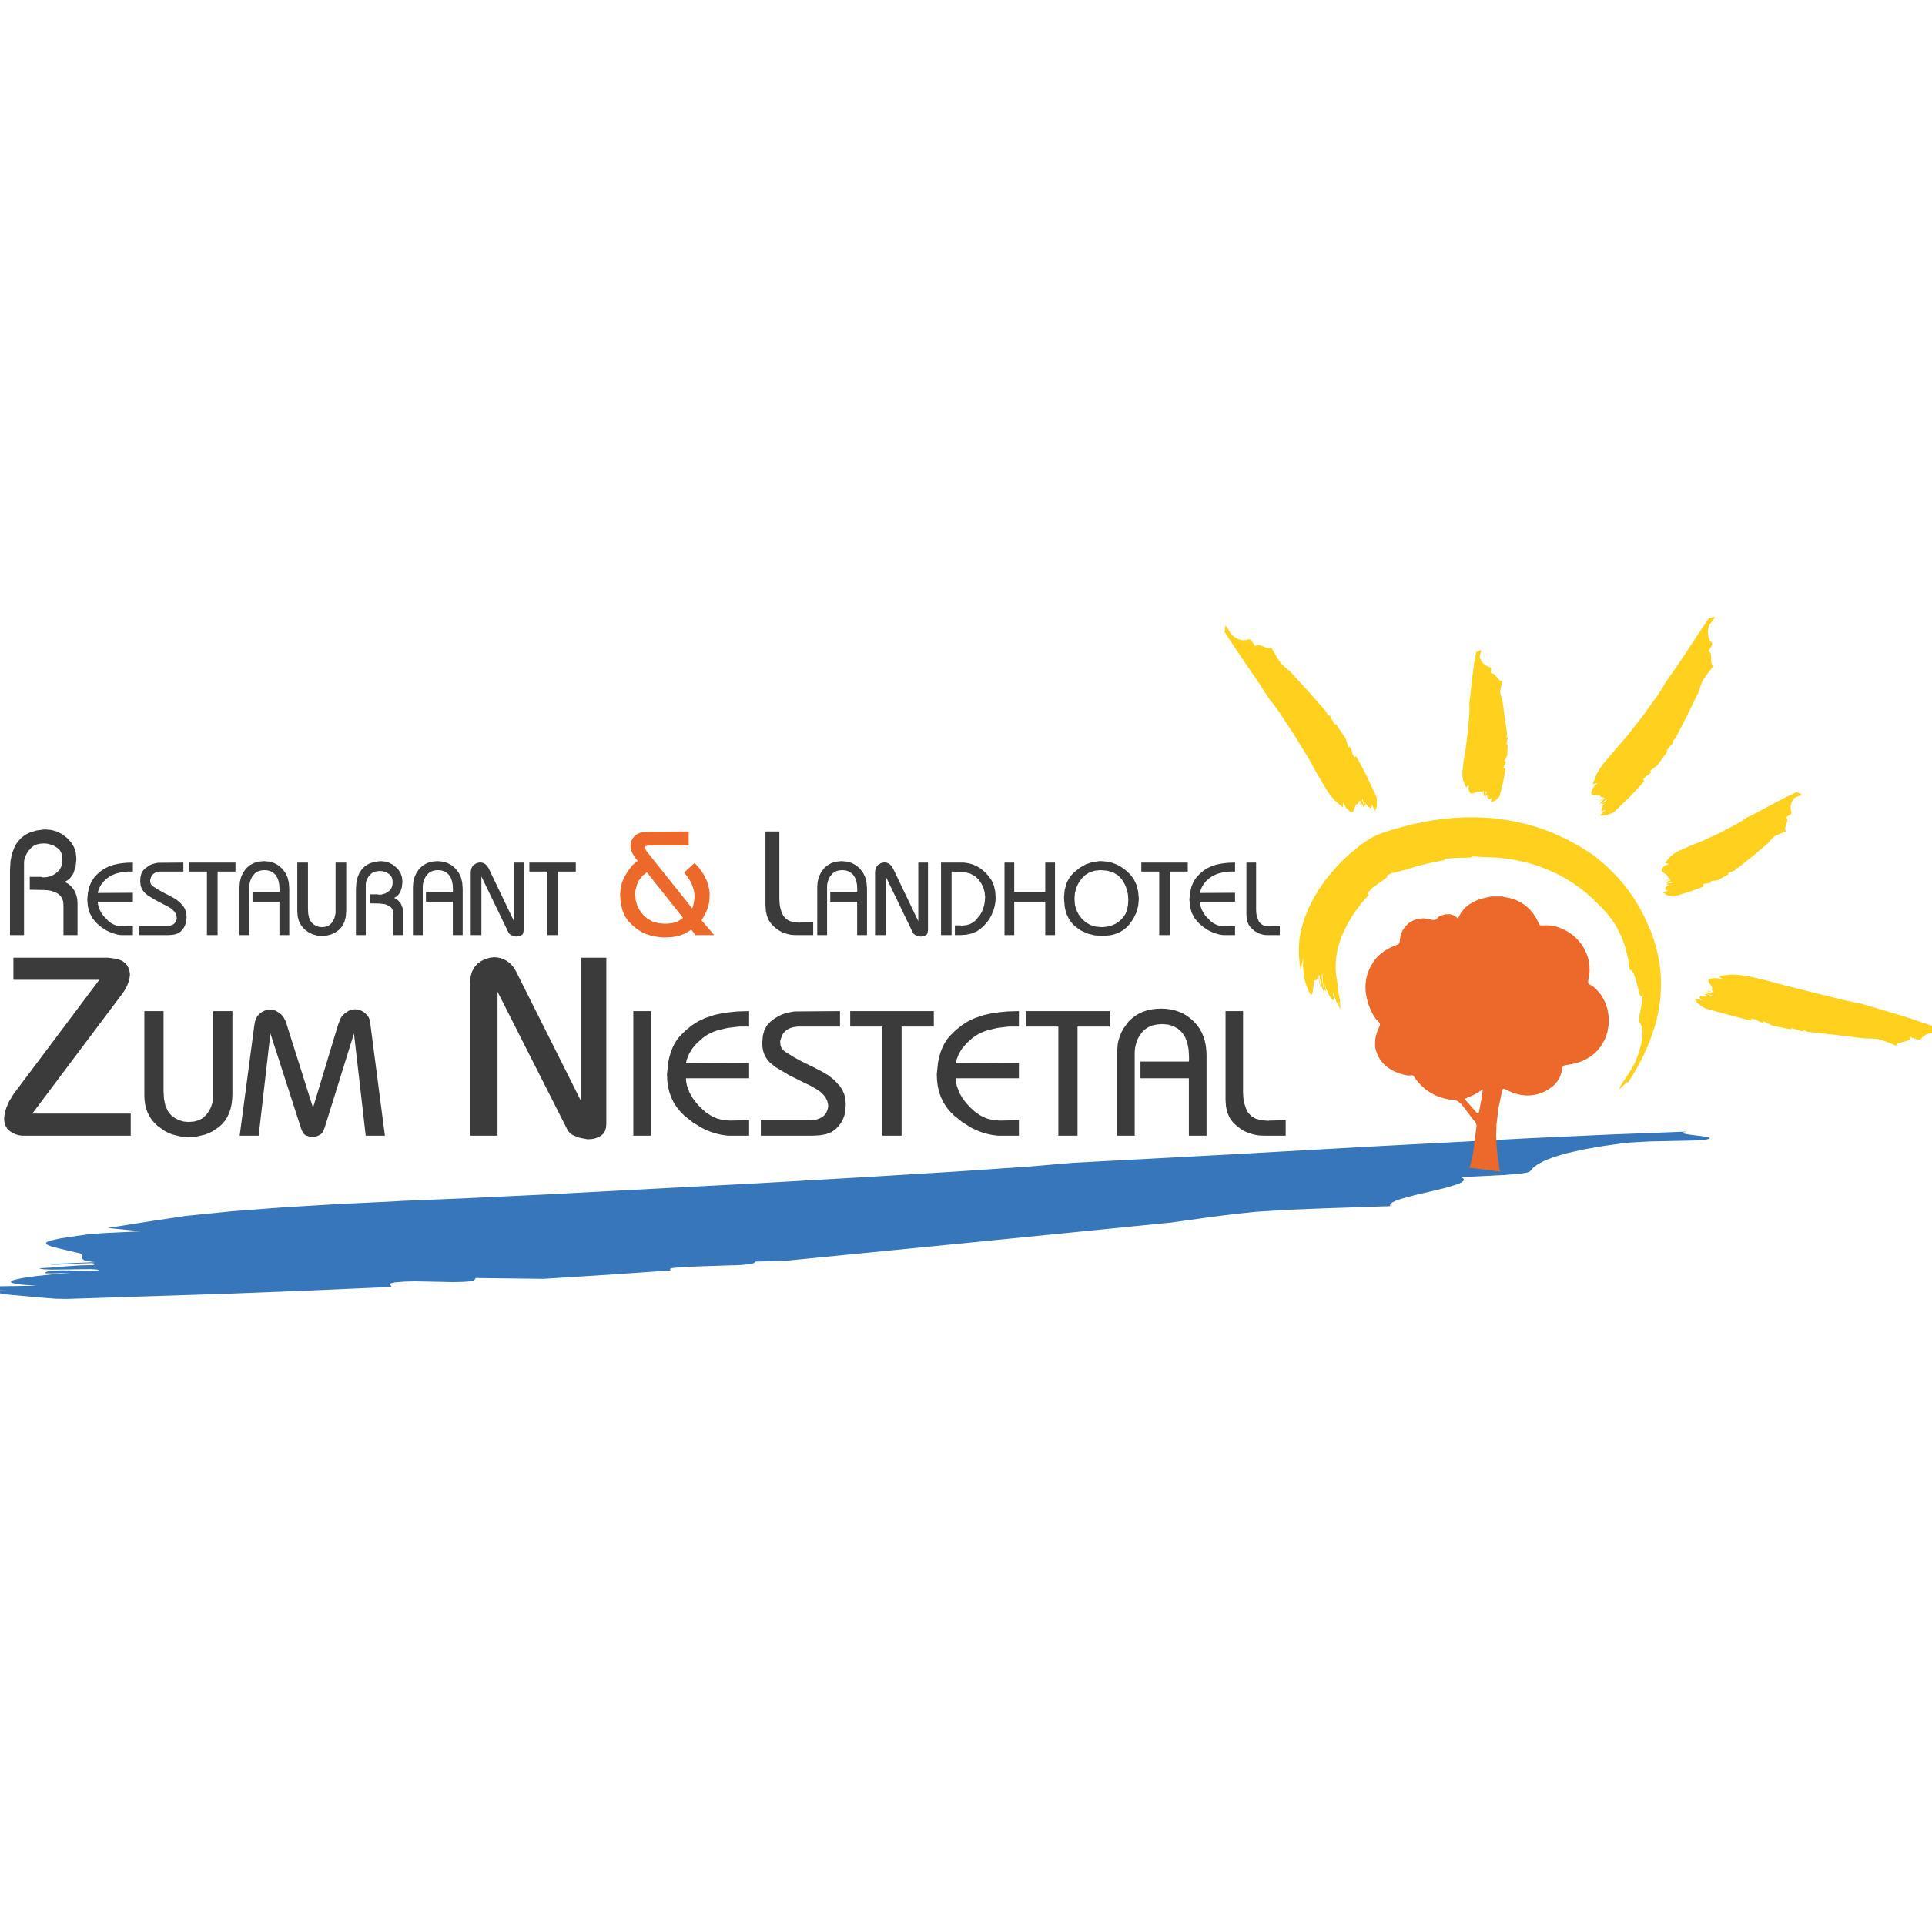 Logo von Restaurant und Landhotel Zum Niestetal